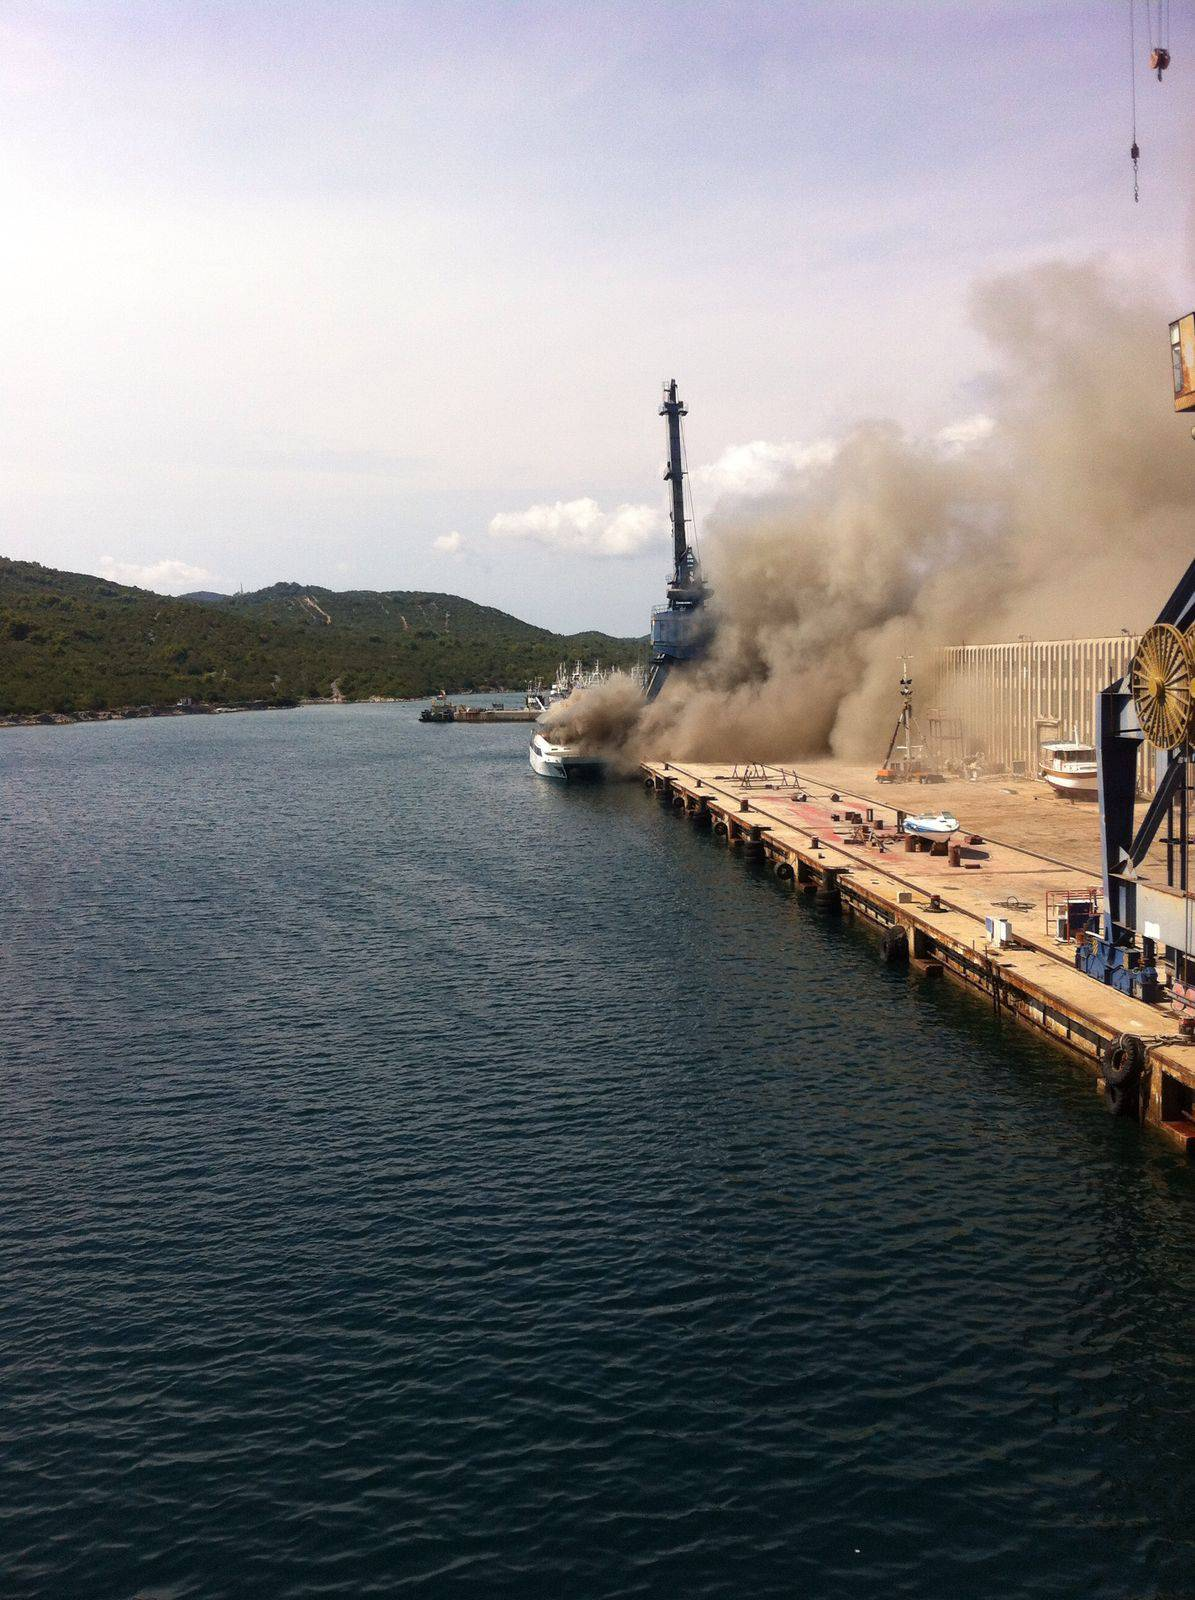 Milijuni nestali u plamenu: Od katamarana ostao samo motor